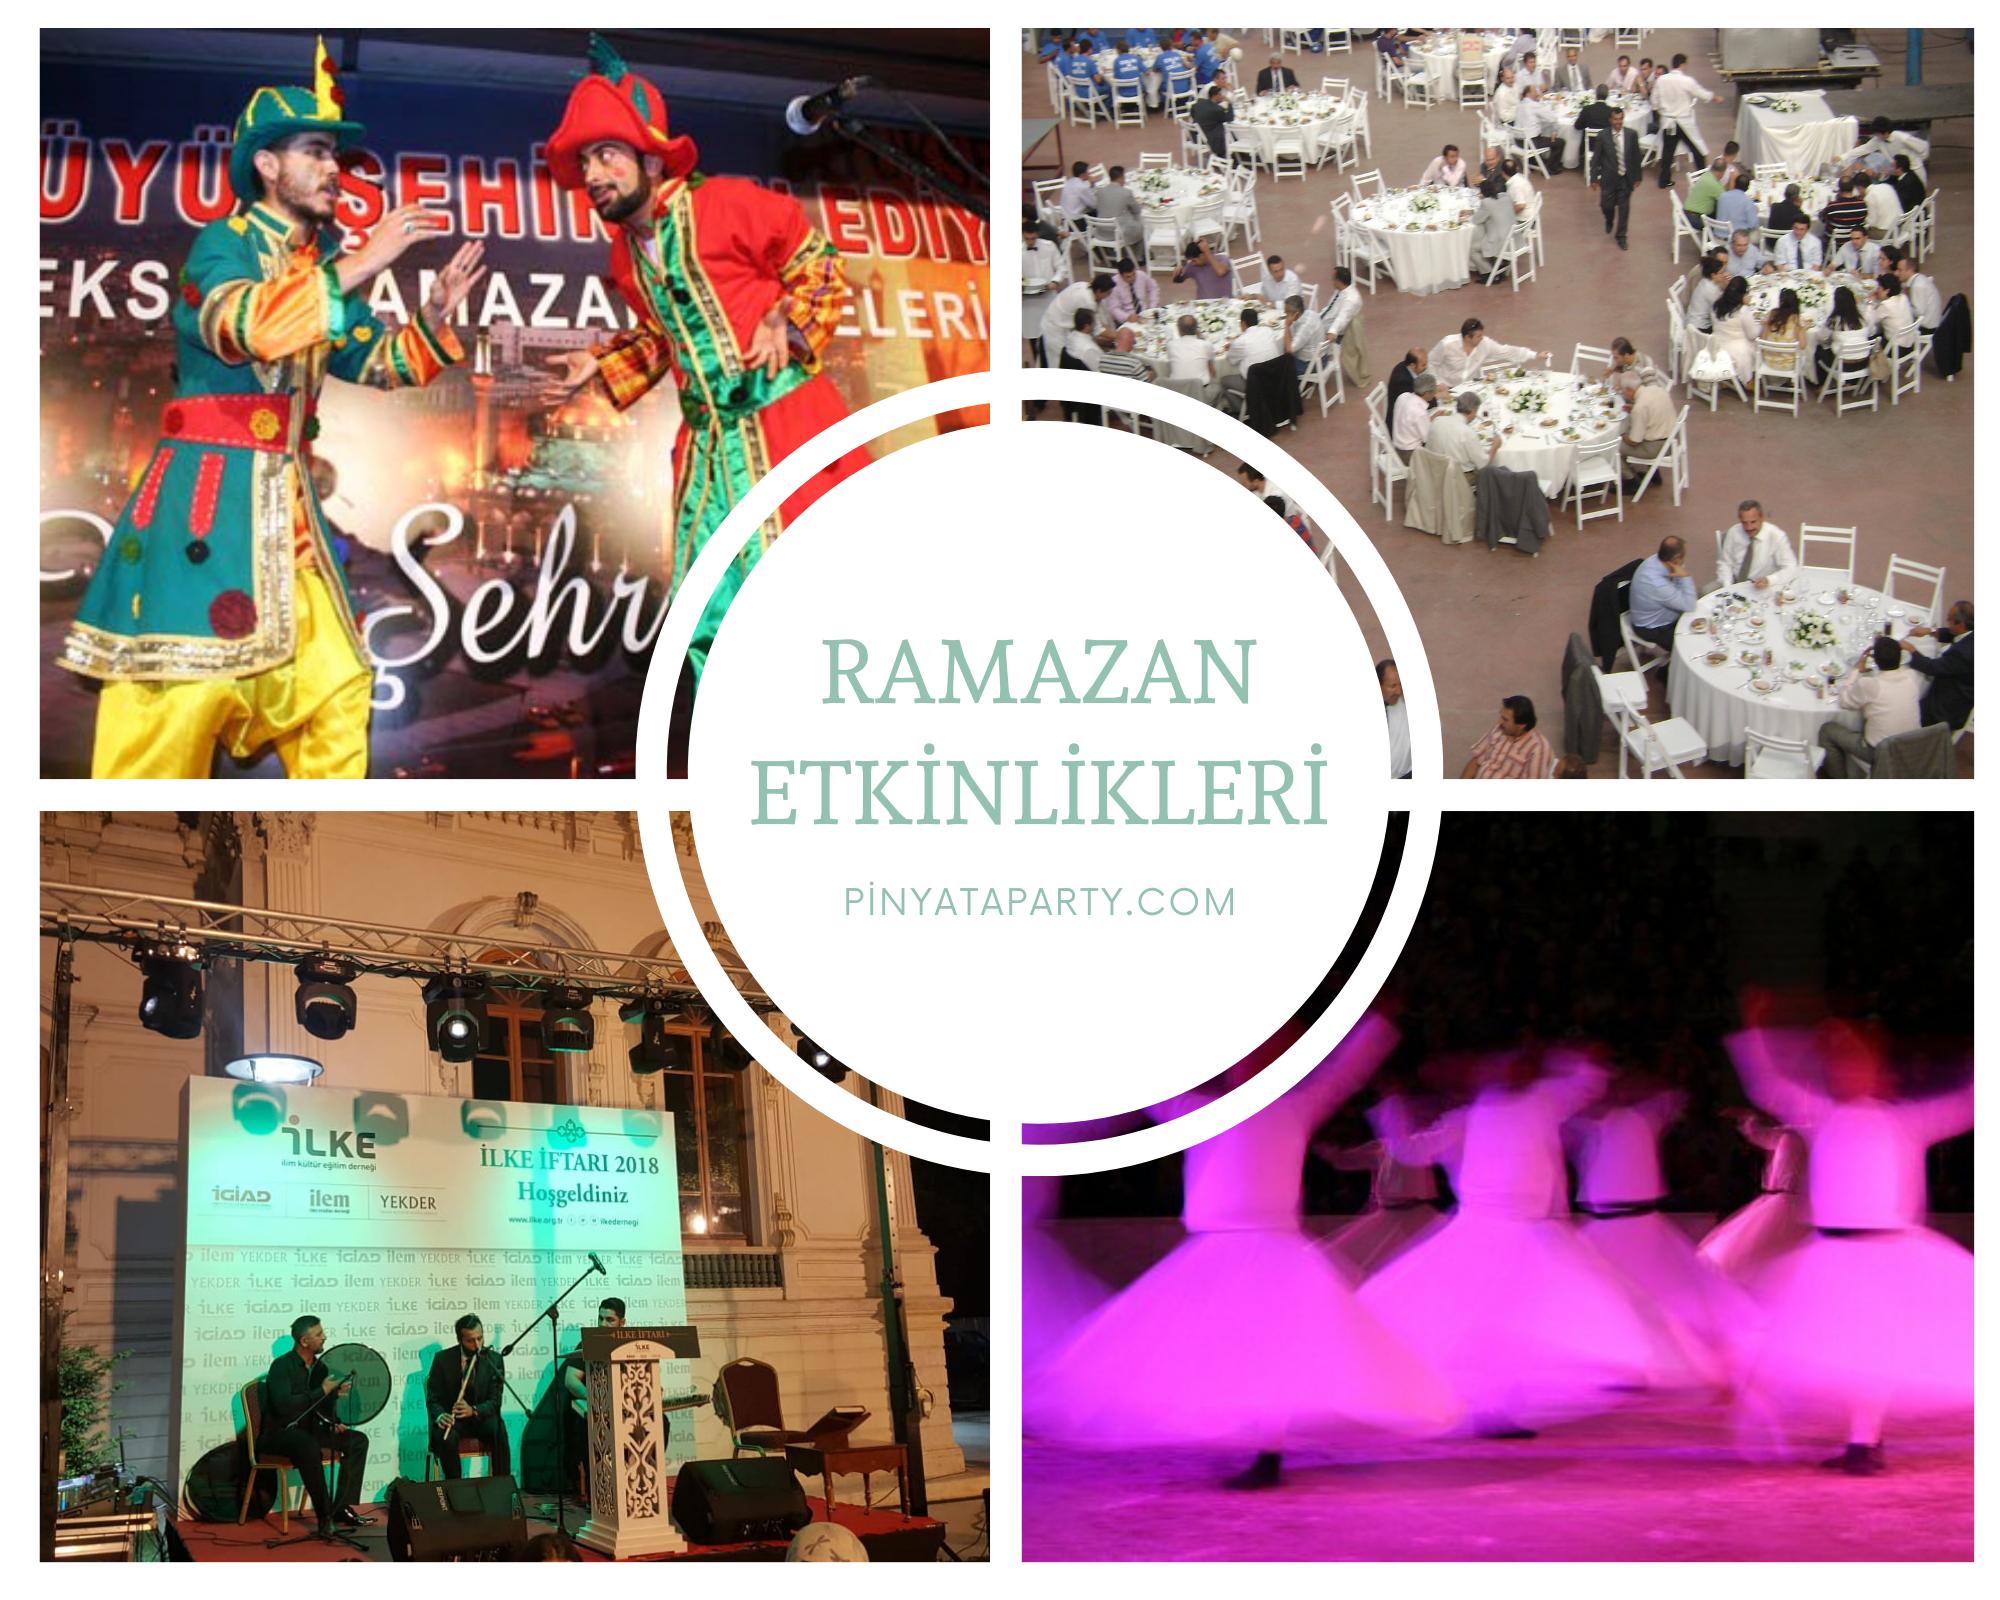 Ramazan-Senlikleri-ve-Etkinlikleri